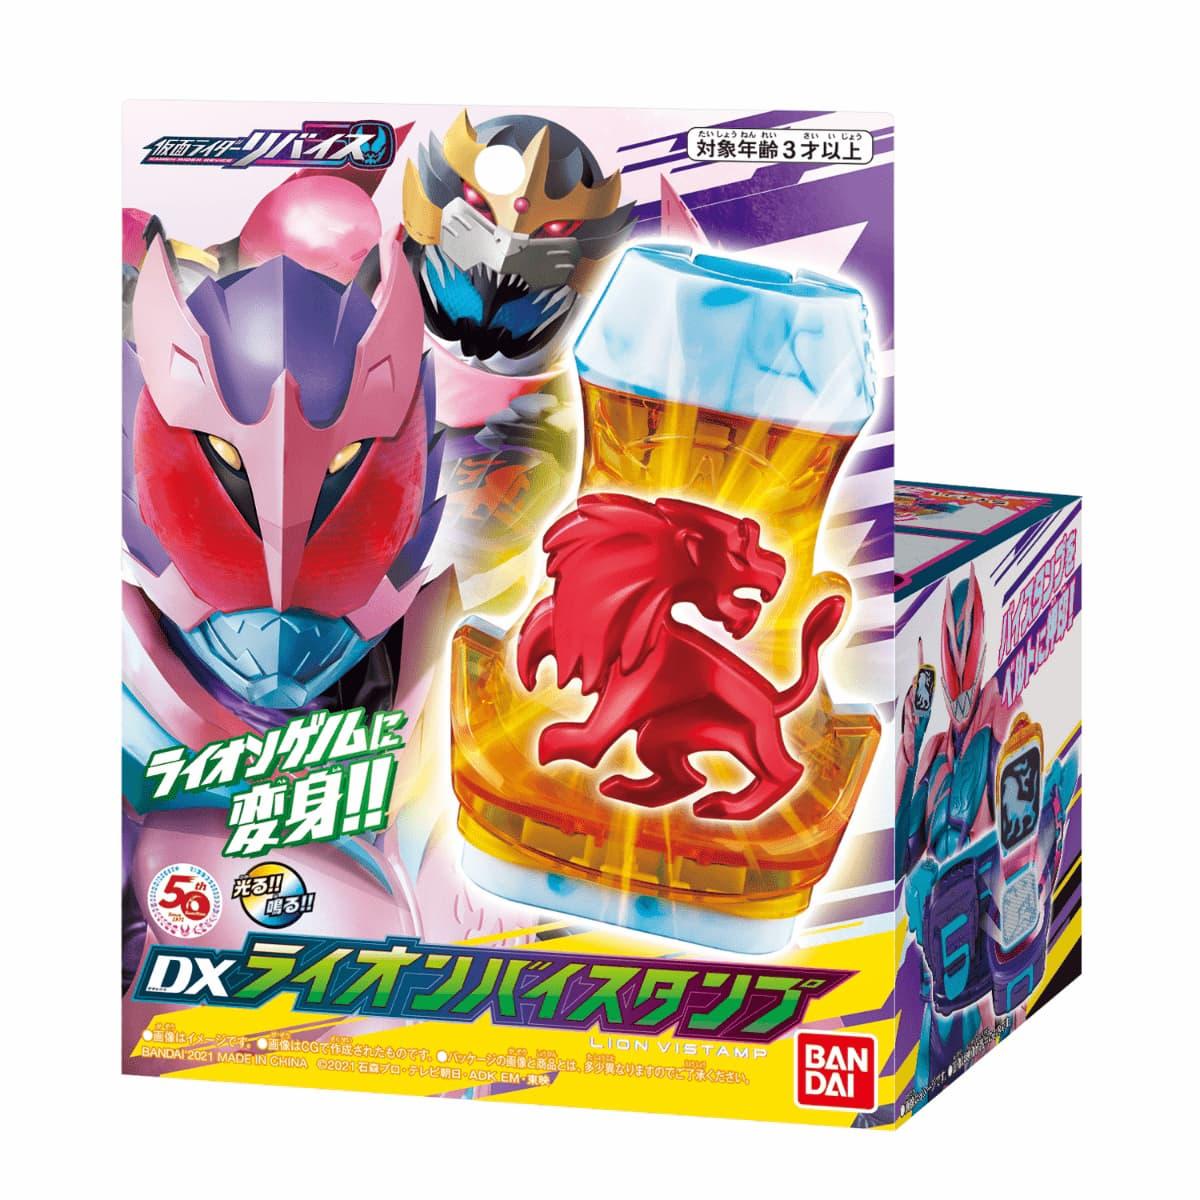 仮面ライダーリバイス「DXライオンバイスタンプ」が10月2日発売!クウガの意匠!変身音声は「見てください!俺の雄叫び!」